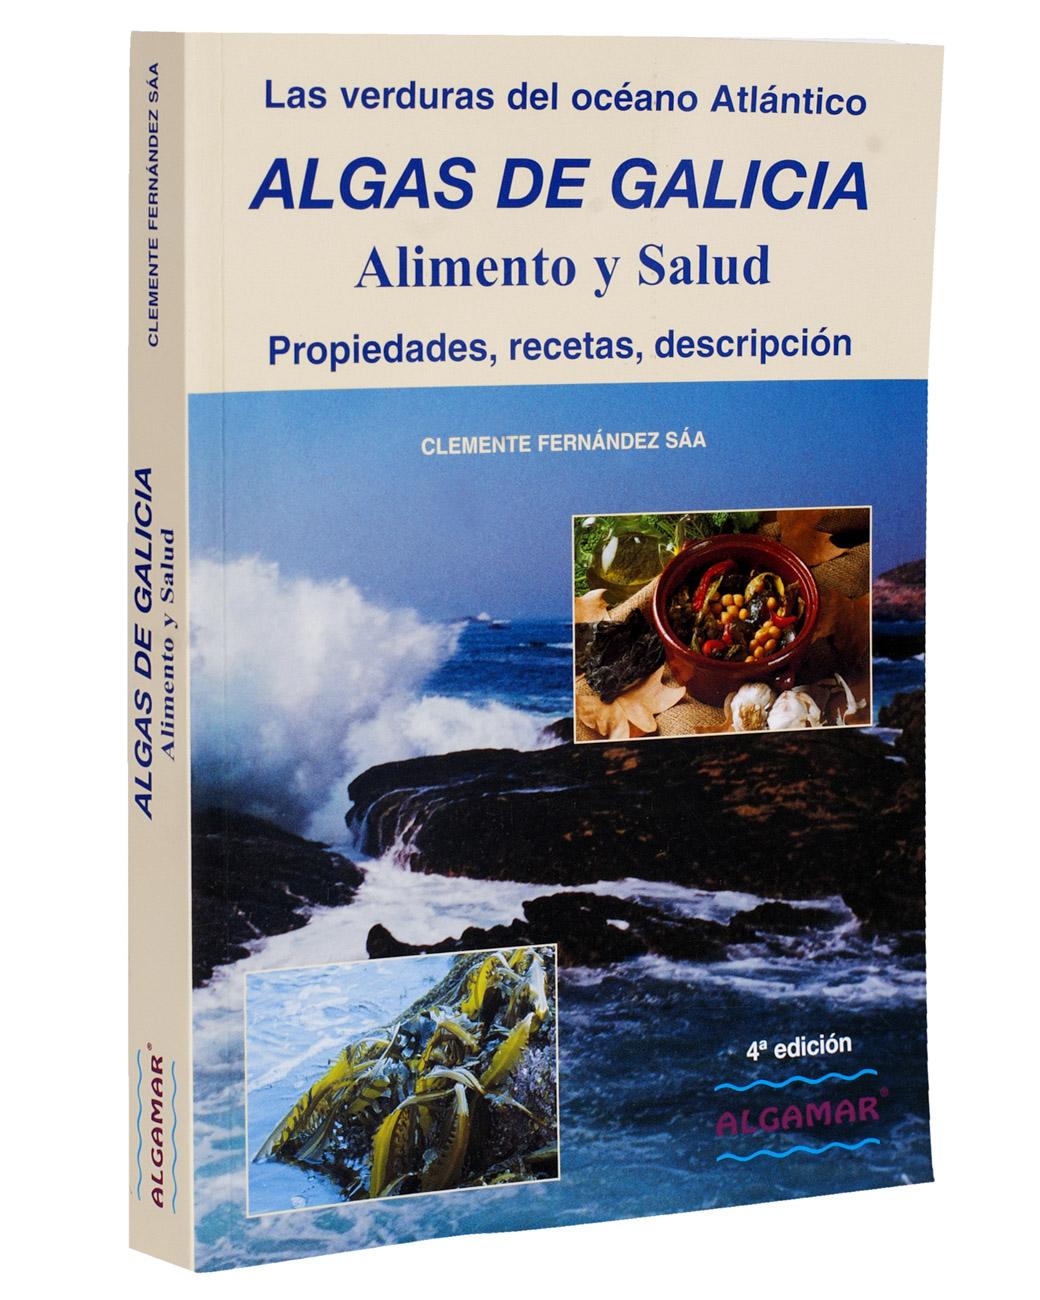 37-algamar-libro-algas-de-galicia-alimento-y-salud